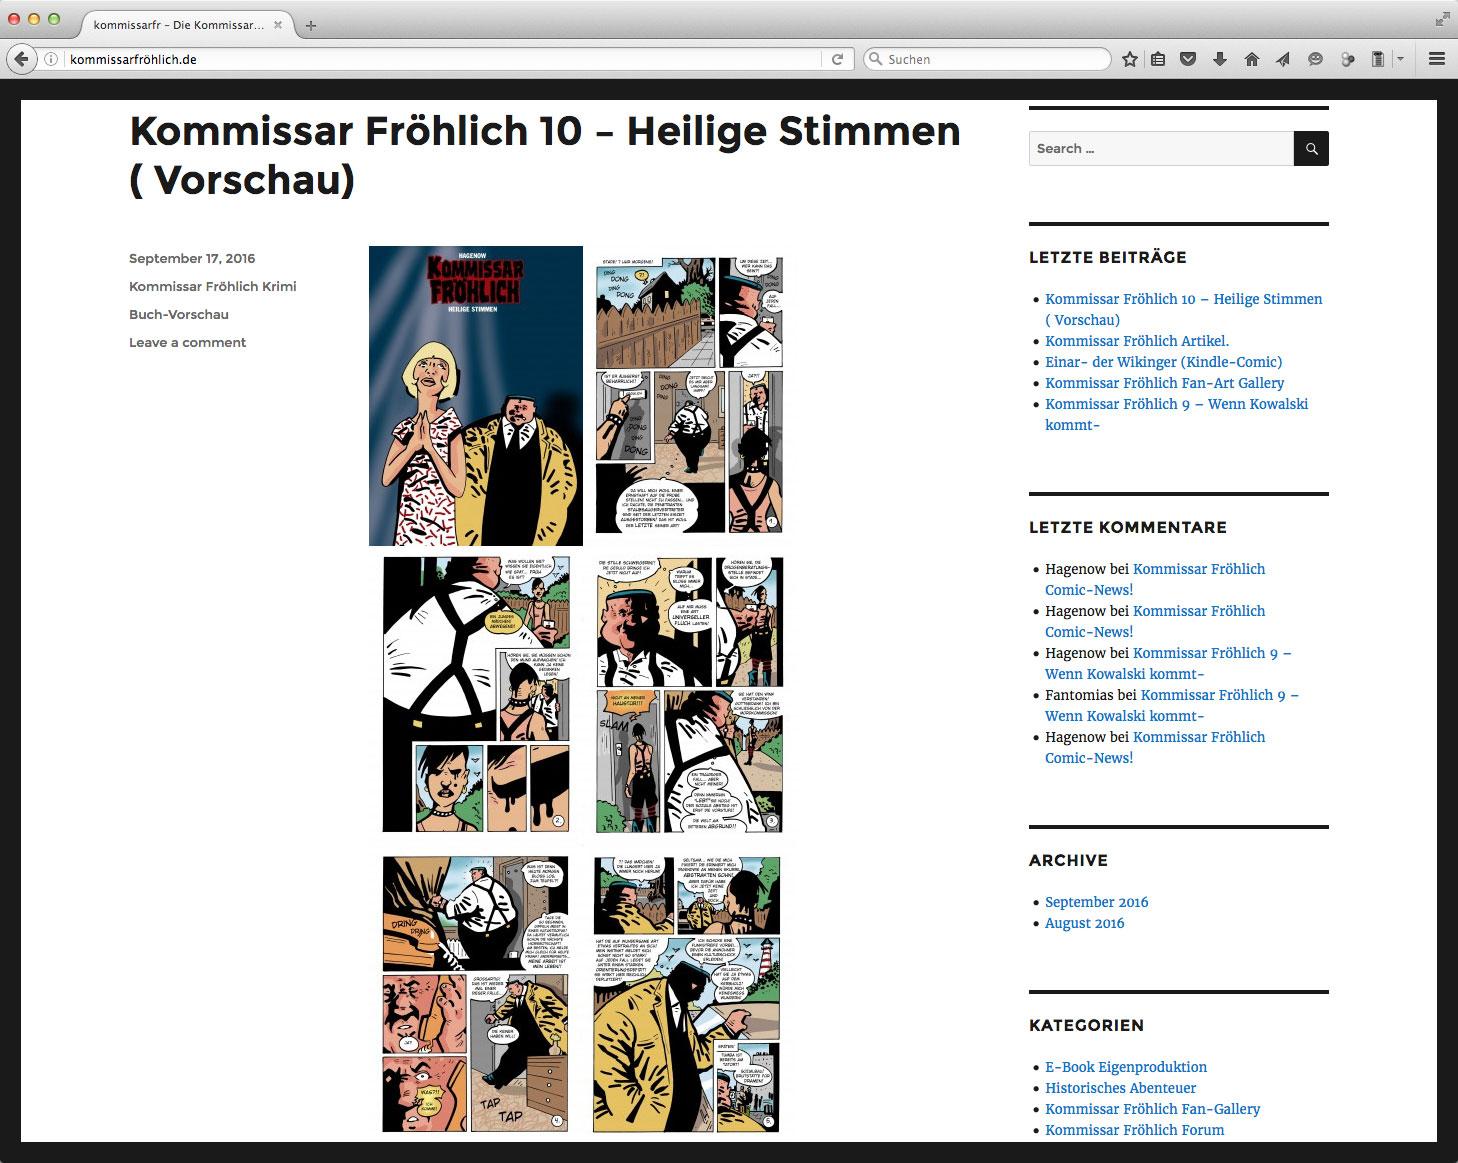 kommissarfroehlich_de